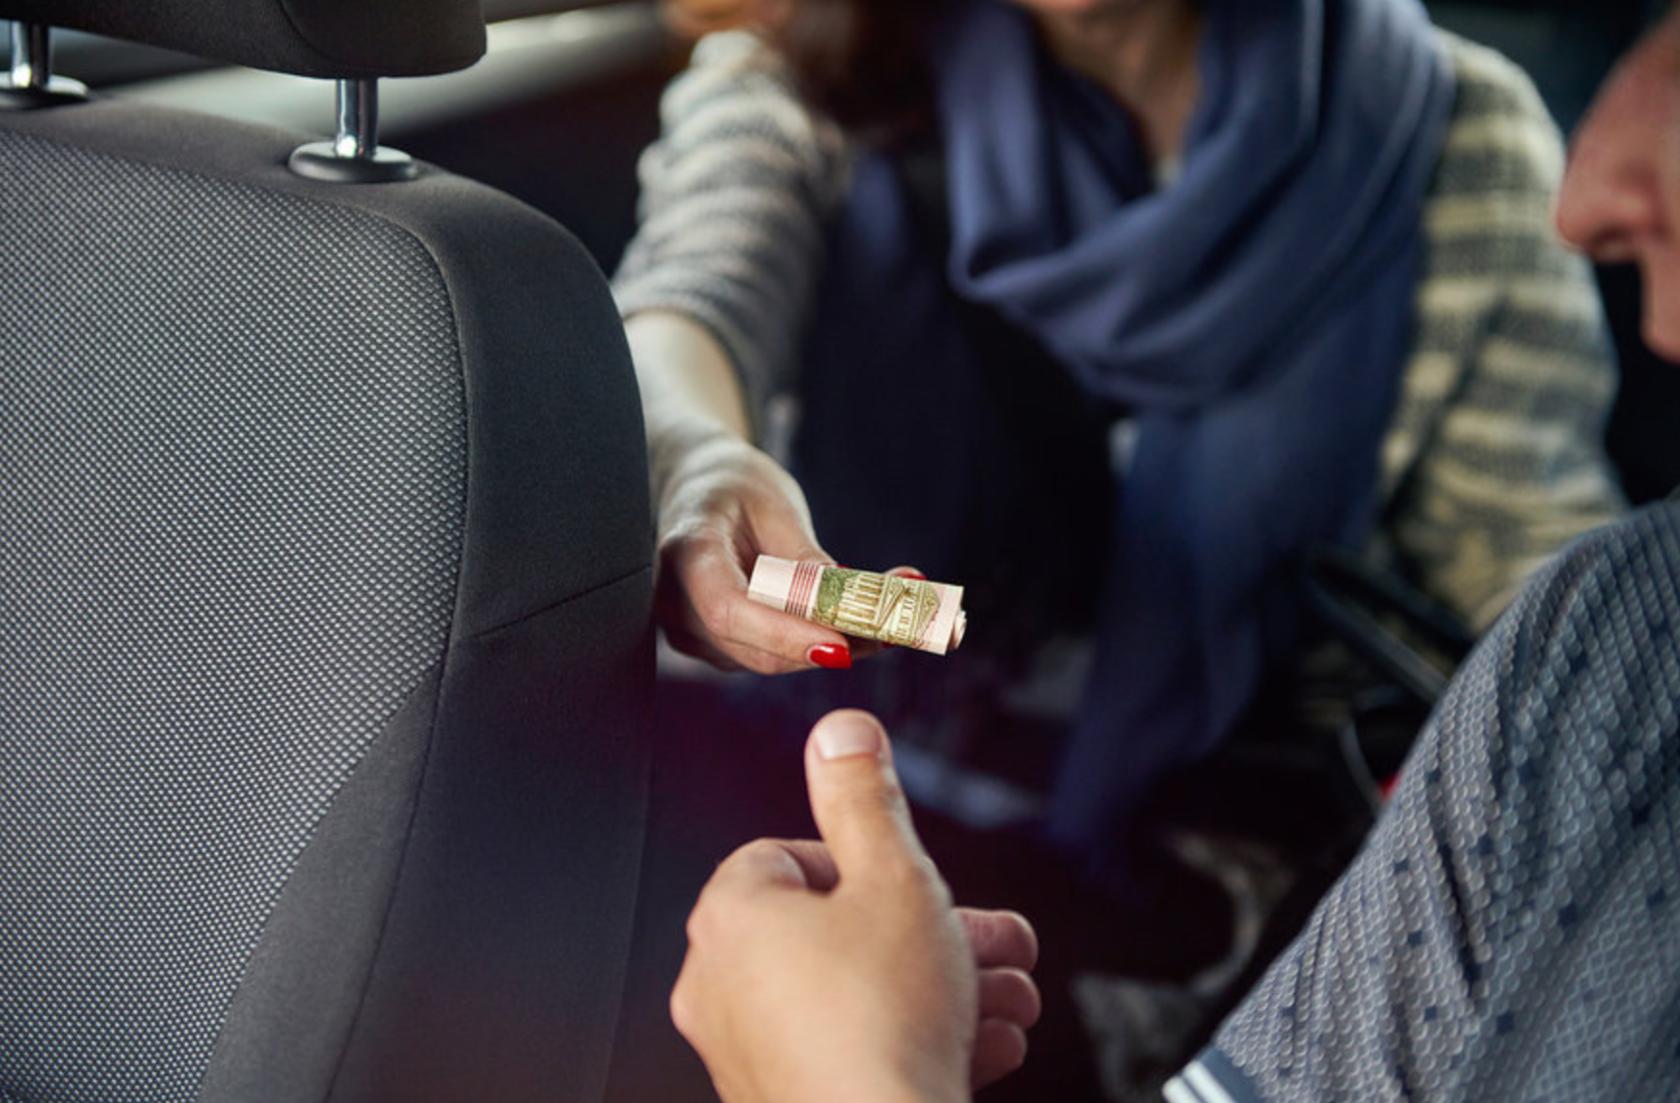 Расчет стоимости поездки в Ситимобил такси